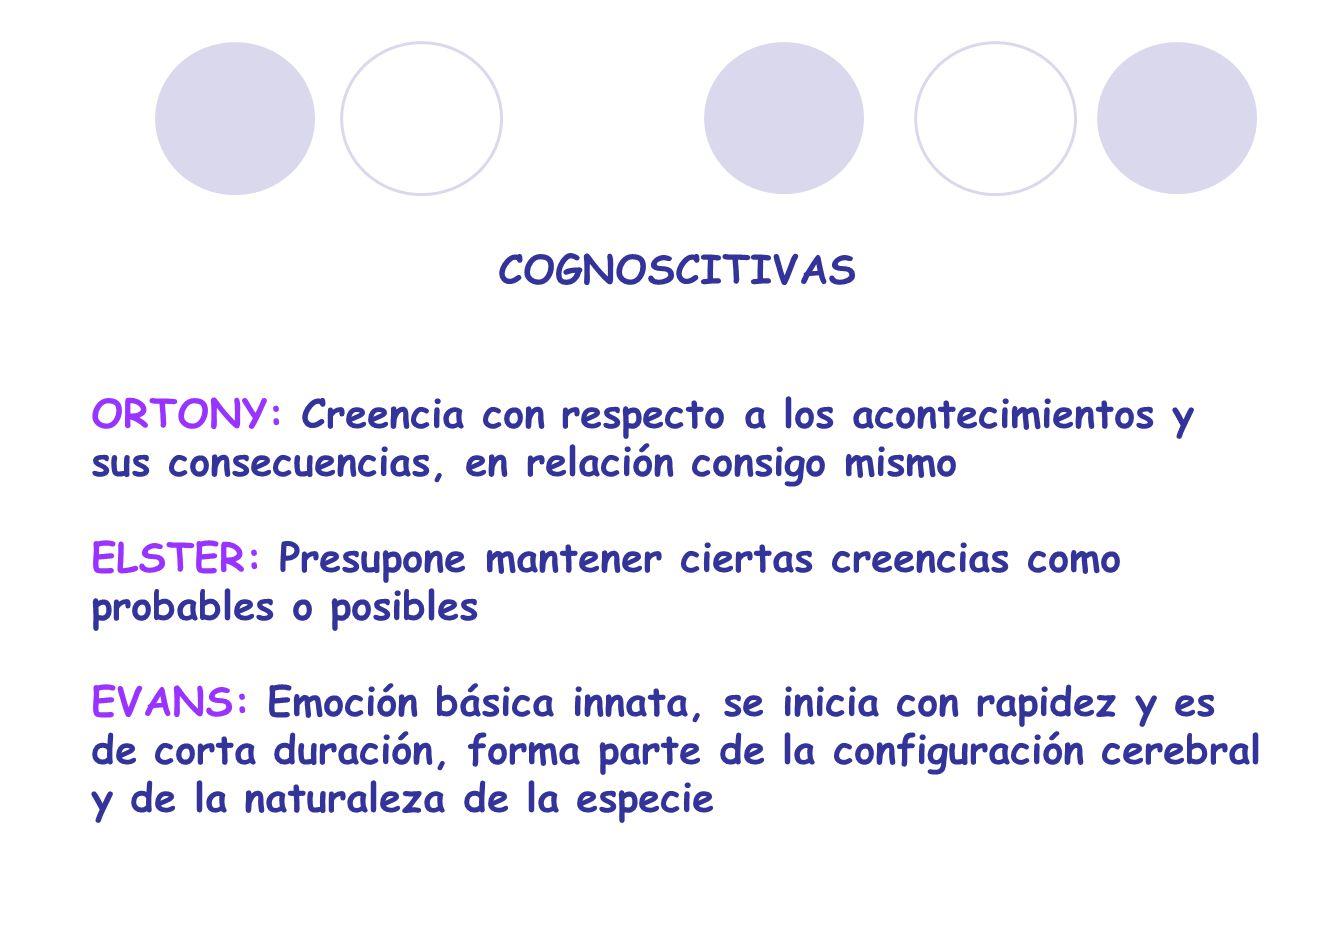 COGNOSCITIVAS ORTONY: Creencia con respecto a los acontecimientos y sus consecuencias, en relación consigo mismo.